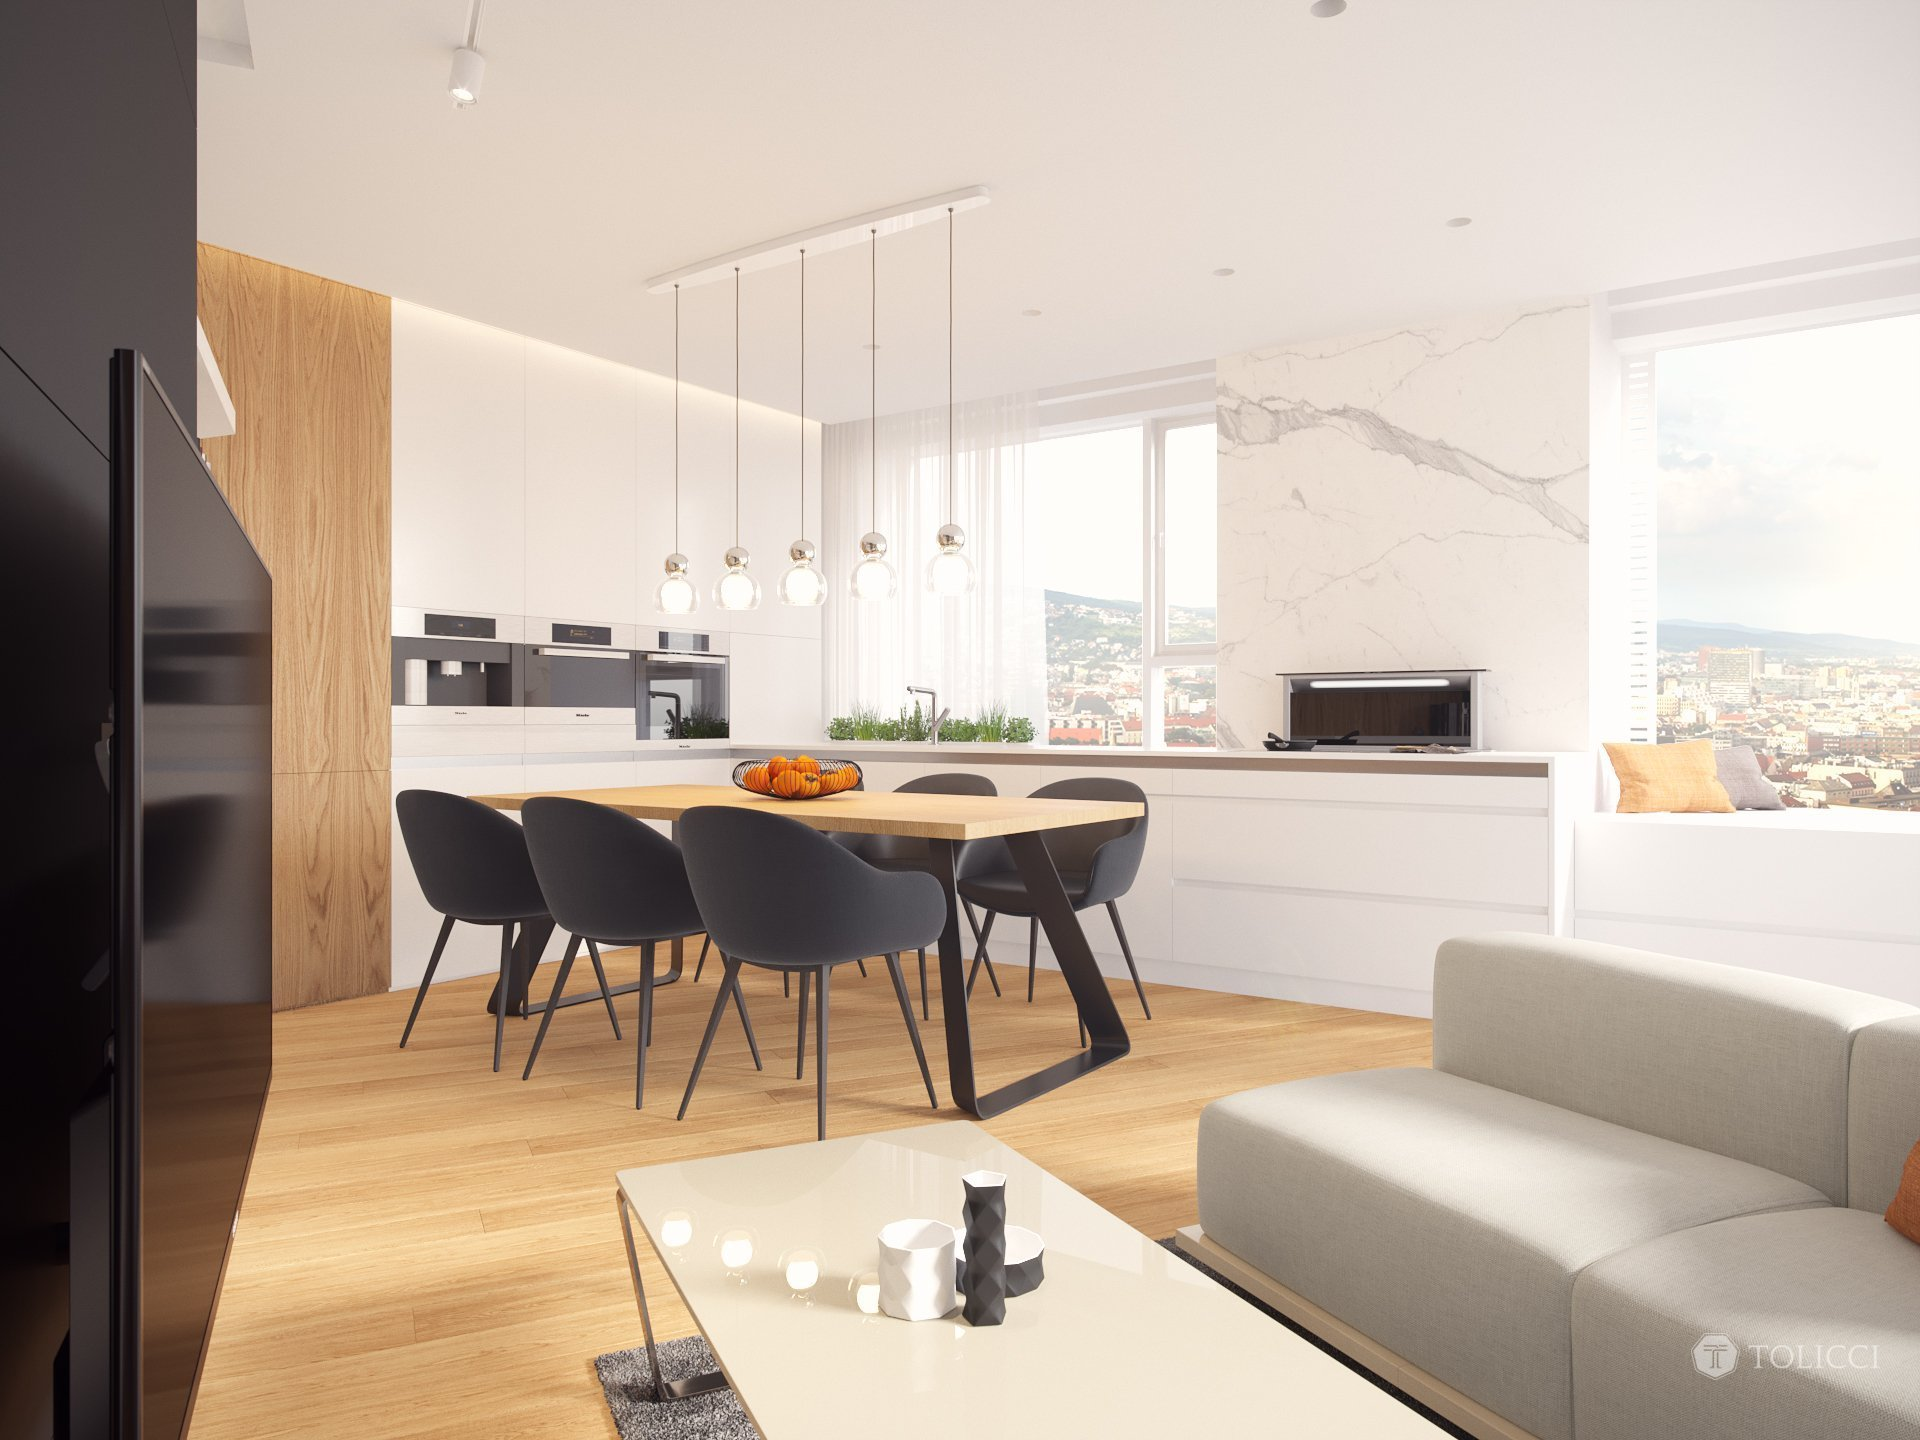 Cieľom návrhu bolo vytvorenie príjemného, moderného interiéru založeného na kontrastnej kombinácii dreveného dekóru dubovej dyhy a monochromatických farieb …